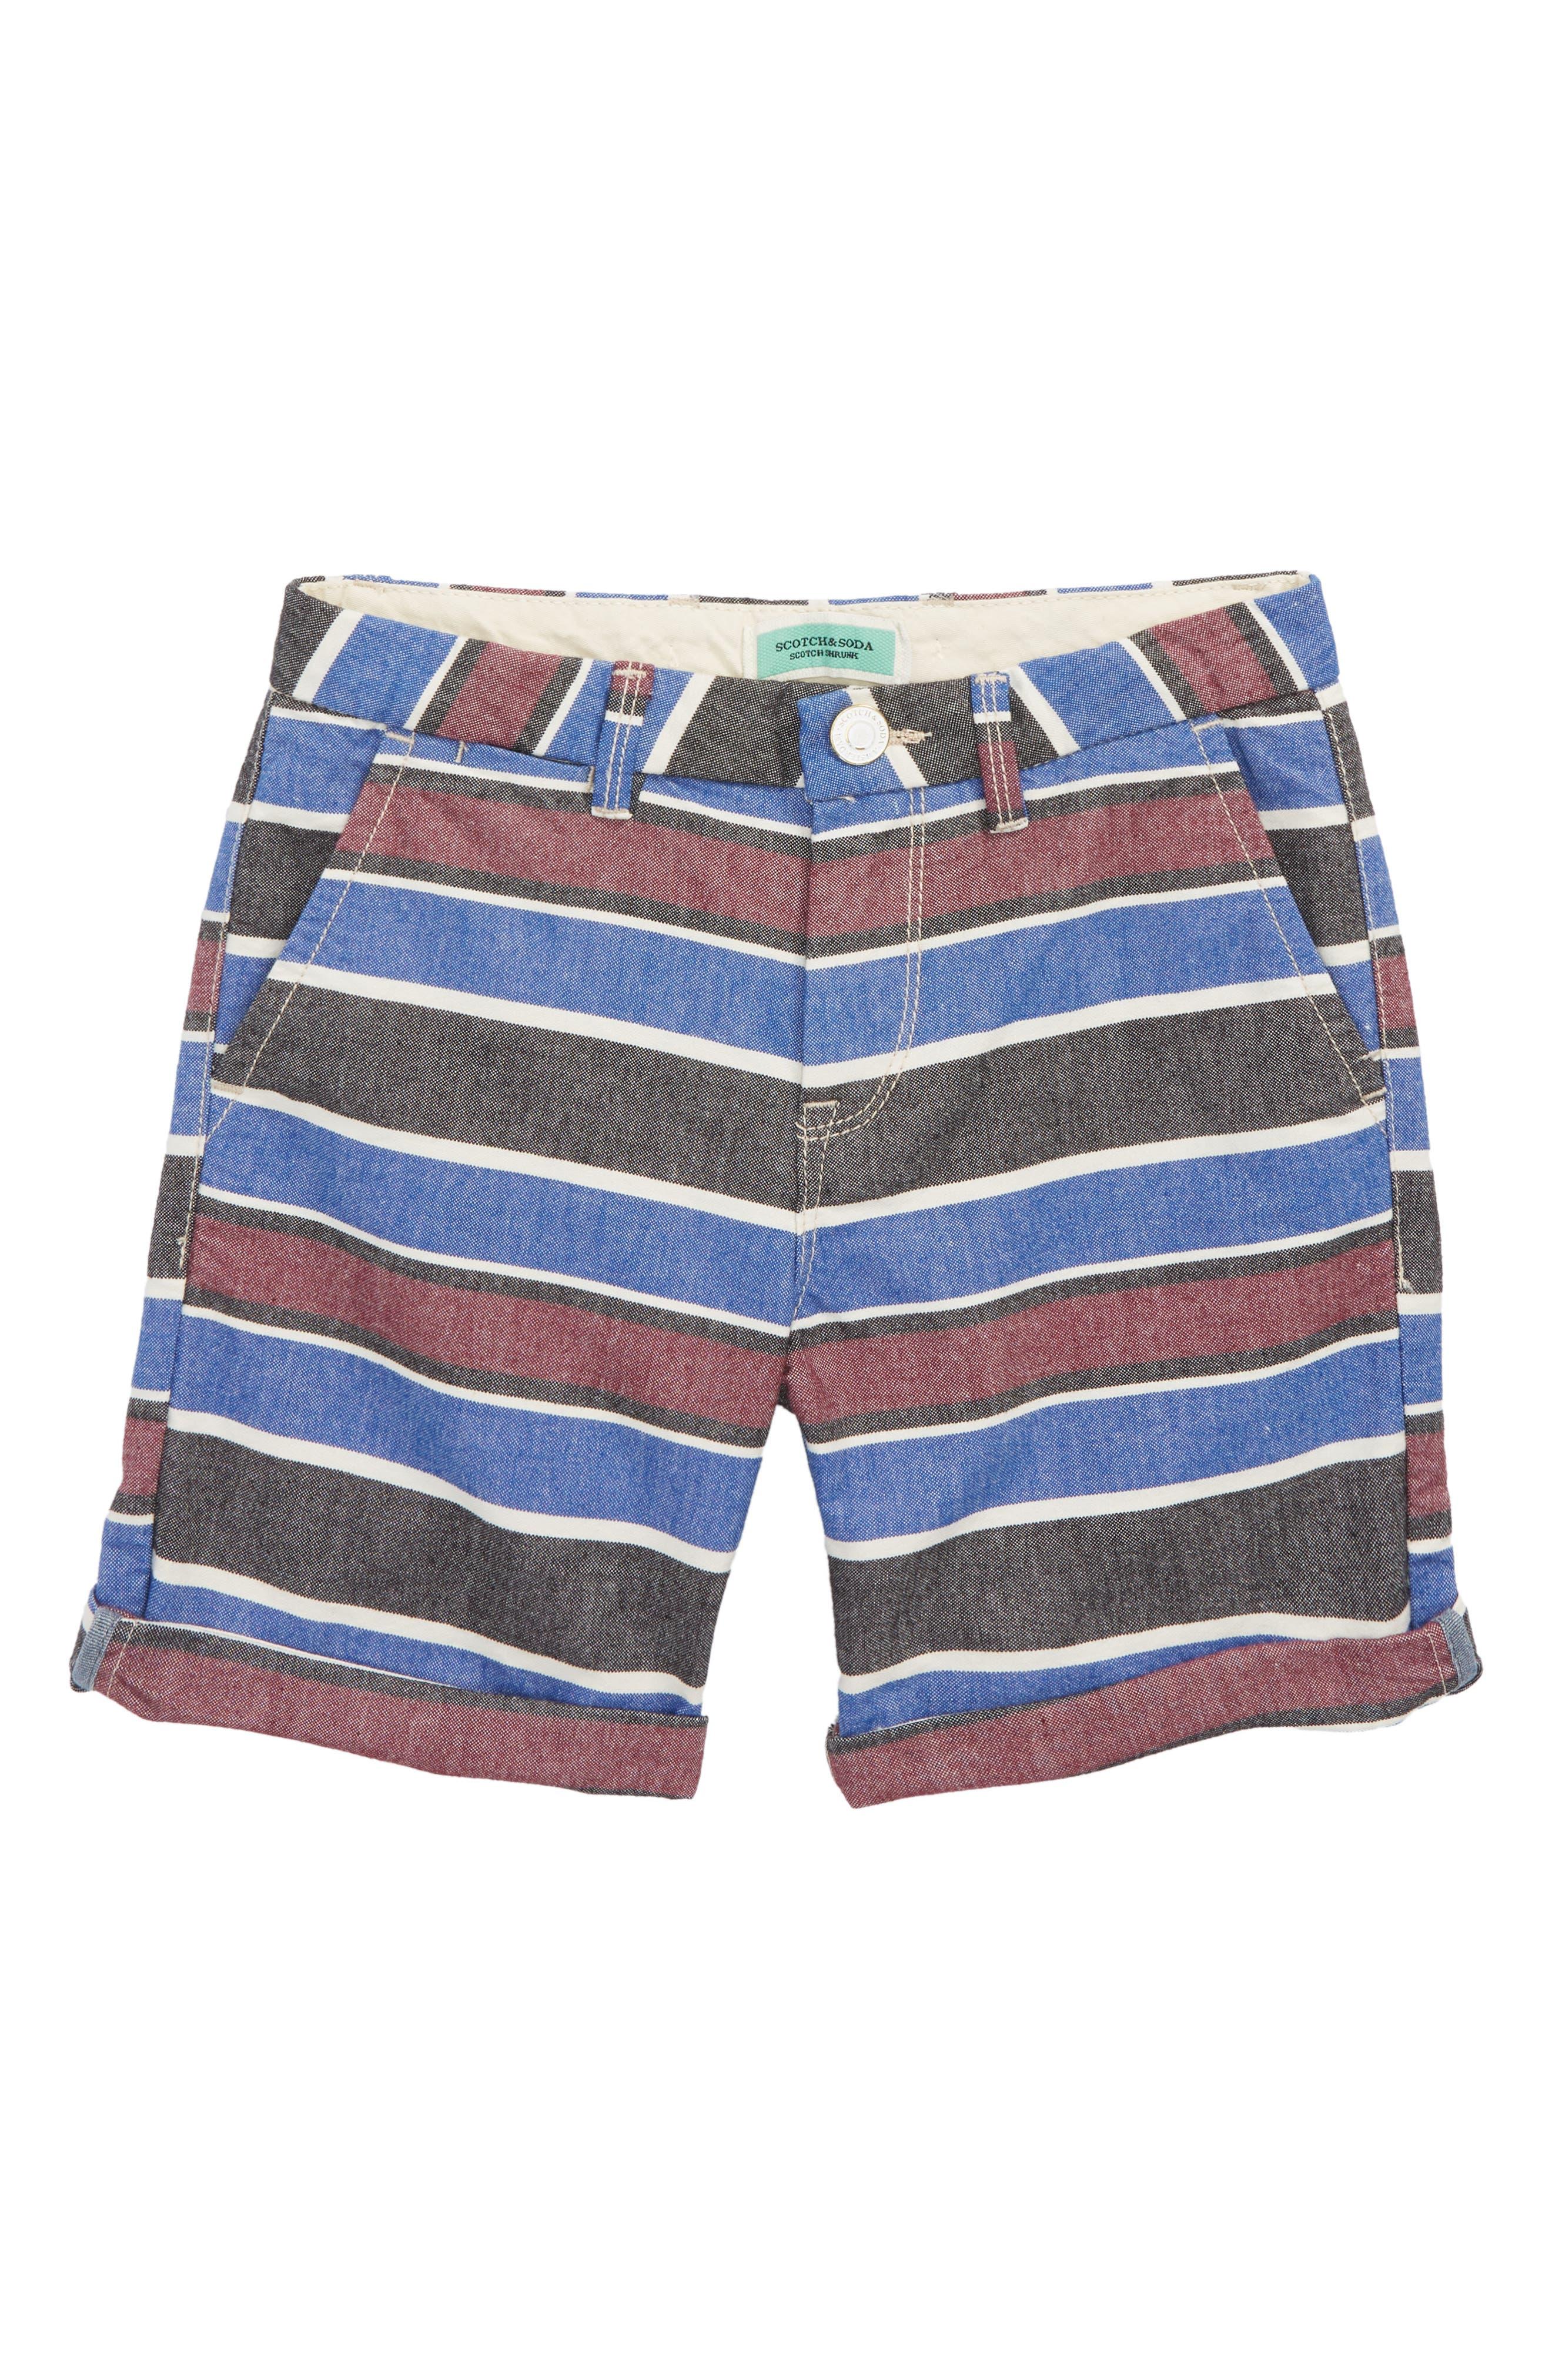 Stripe Chino Shorts,                             Main thumbnail 1, color,                             400